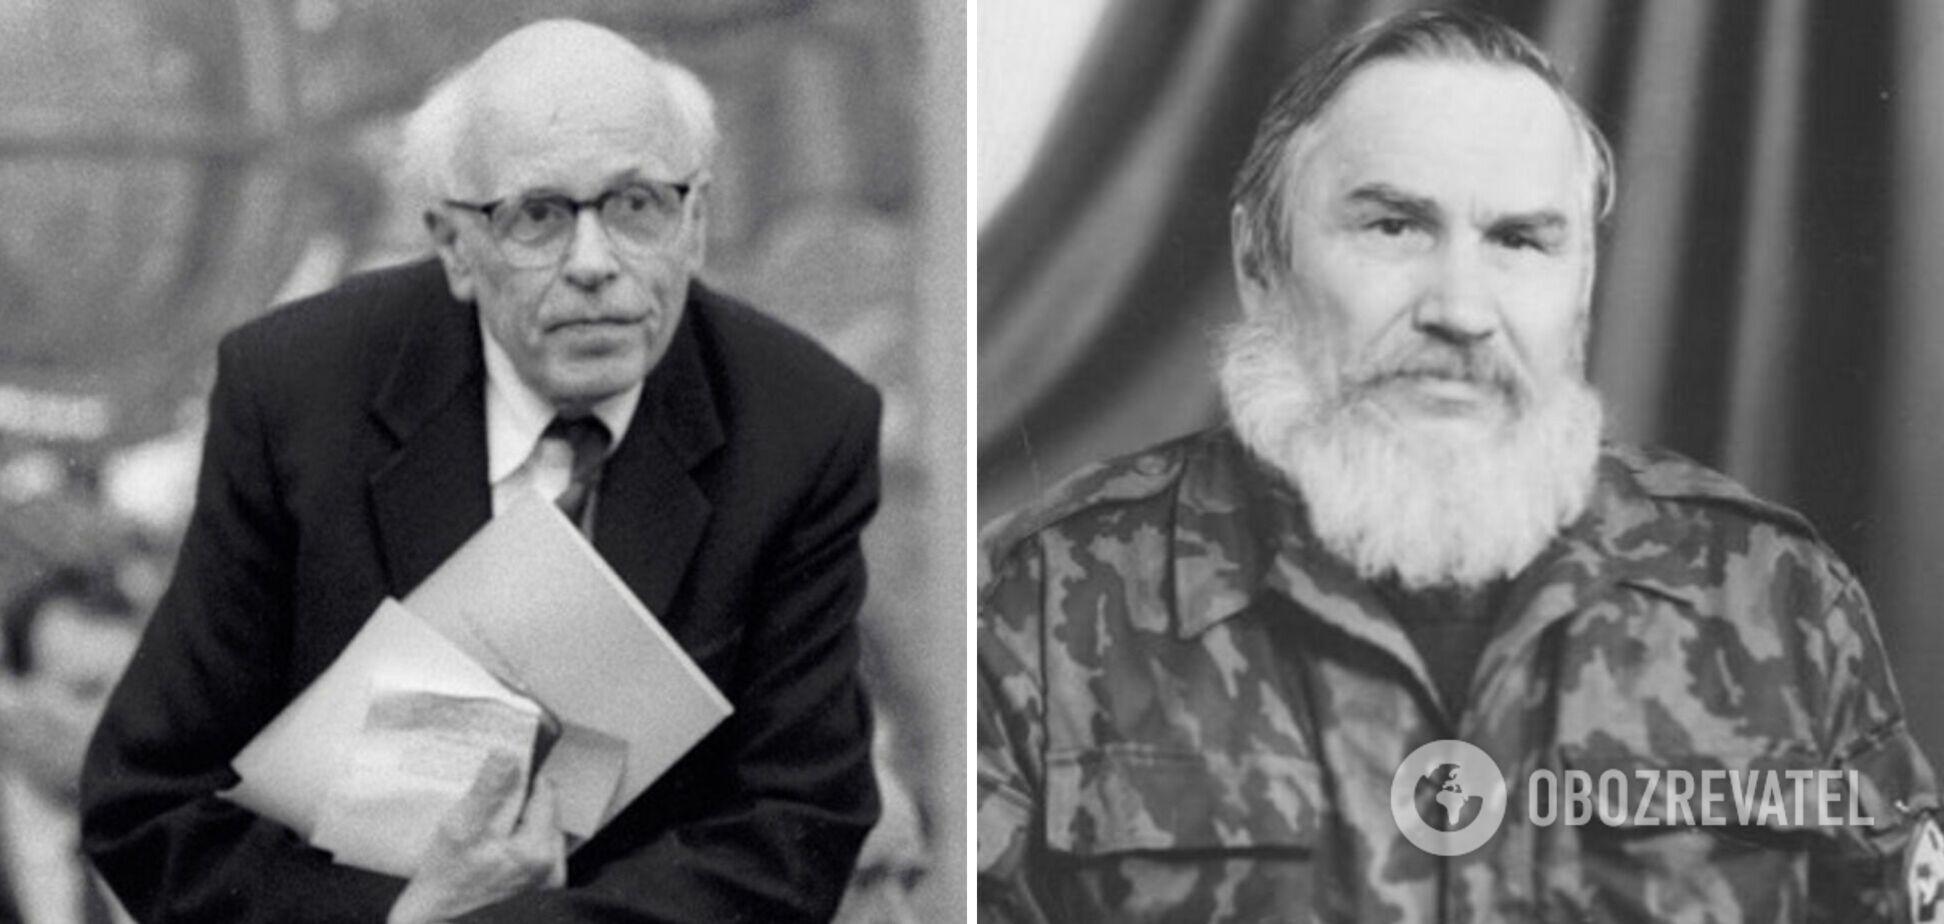 Російський демократ Андрій Сахаров і український націоналіст Анатоль Лупиніс